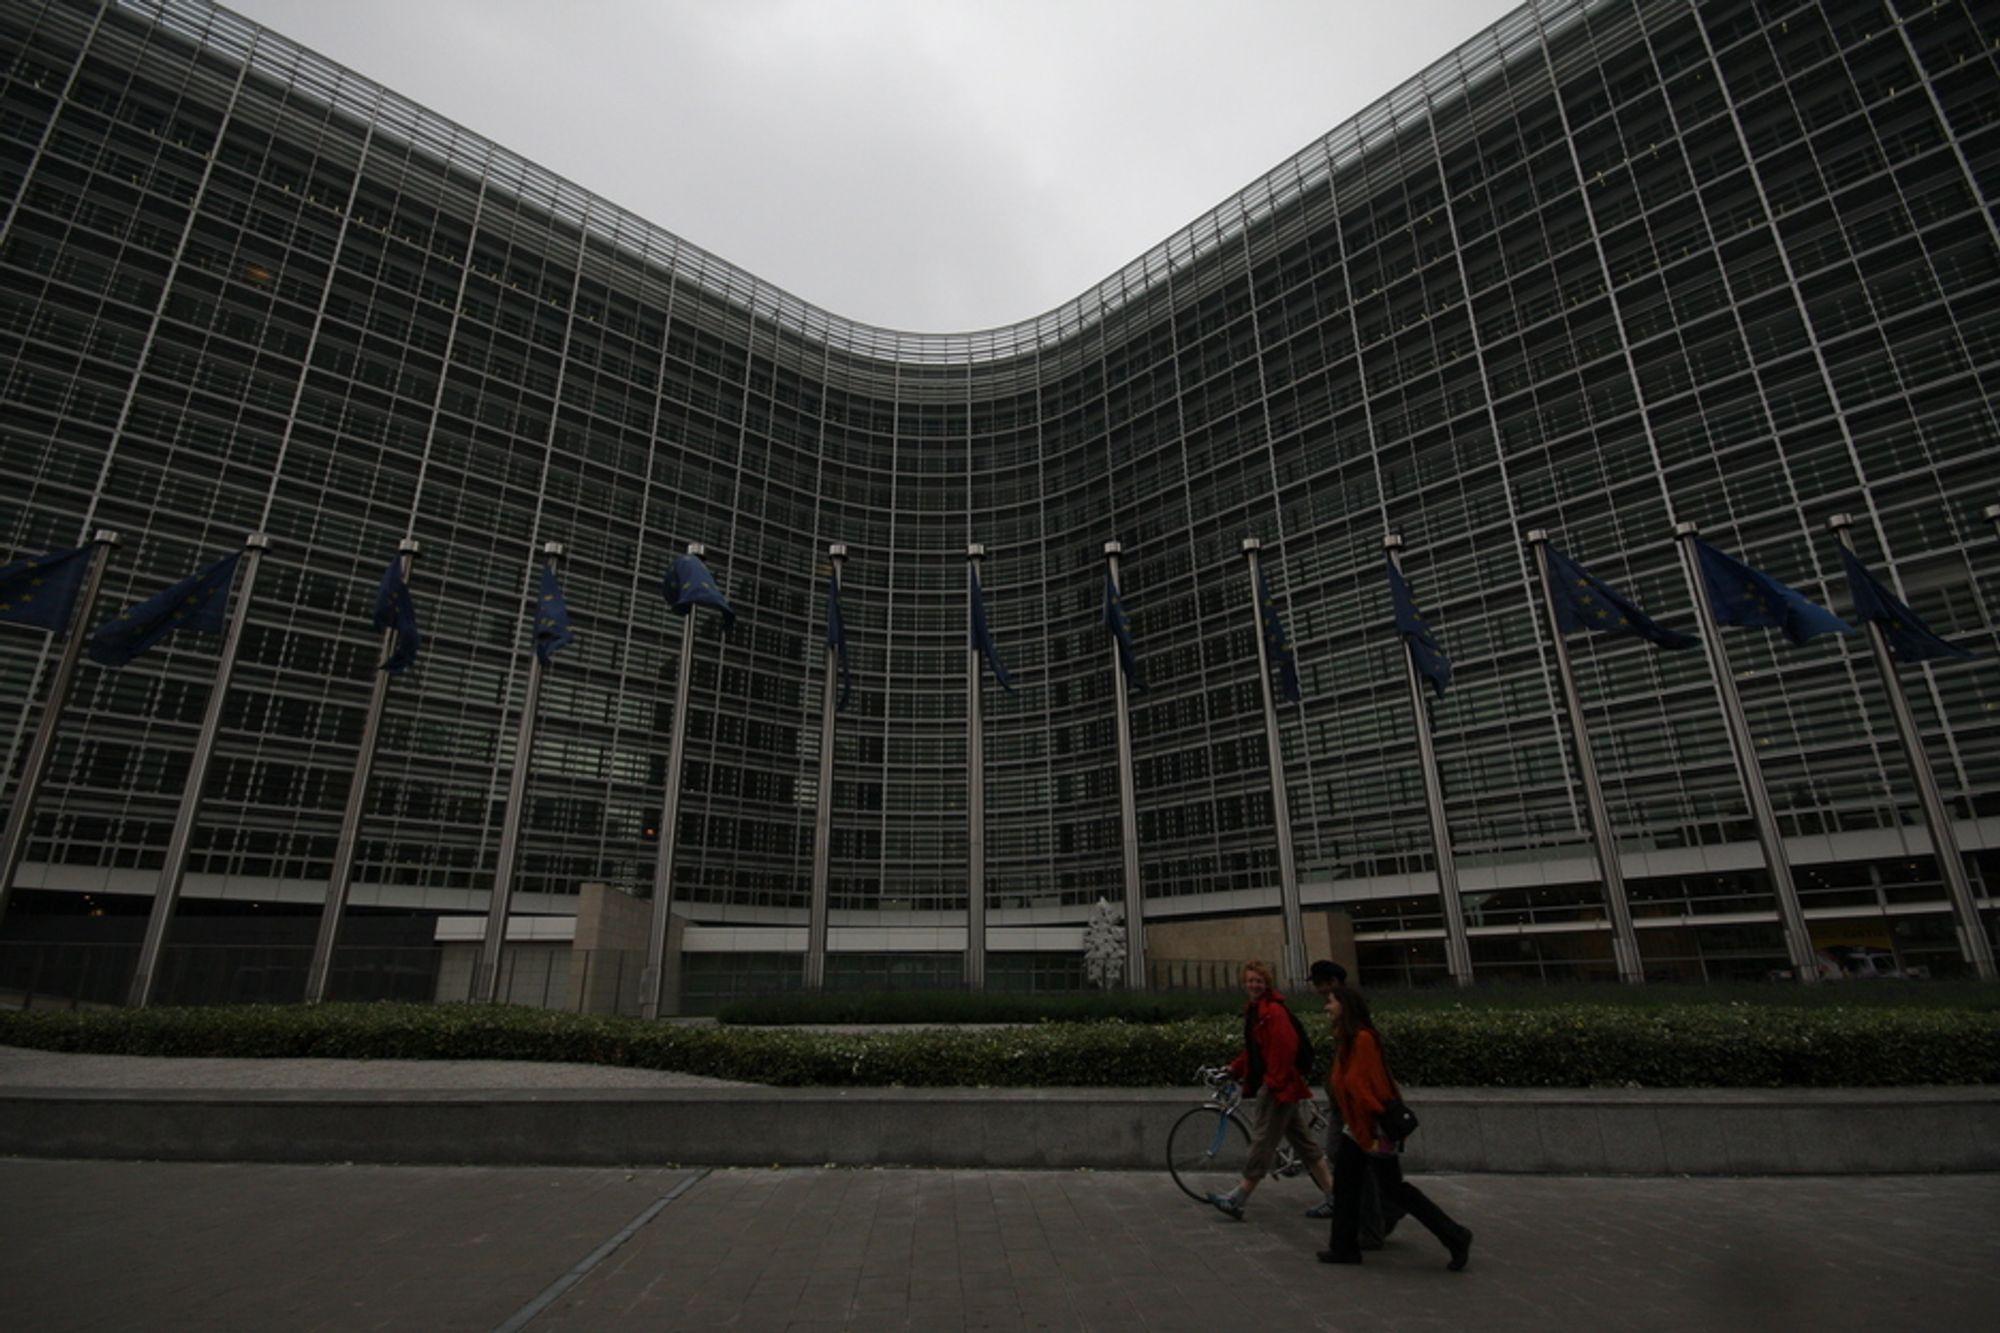 UTVEI: En rekke forpliktende it-posjekter skal skape etterspørsel på tvers av grensene og få europere ut av ledighetskøen.